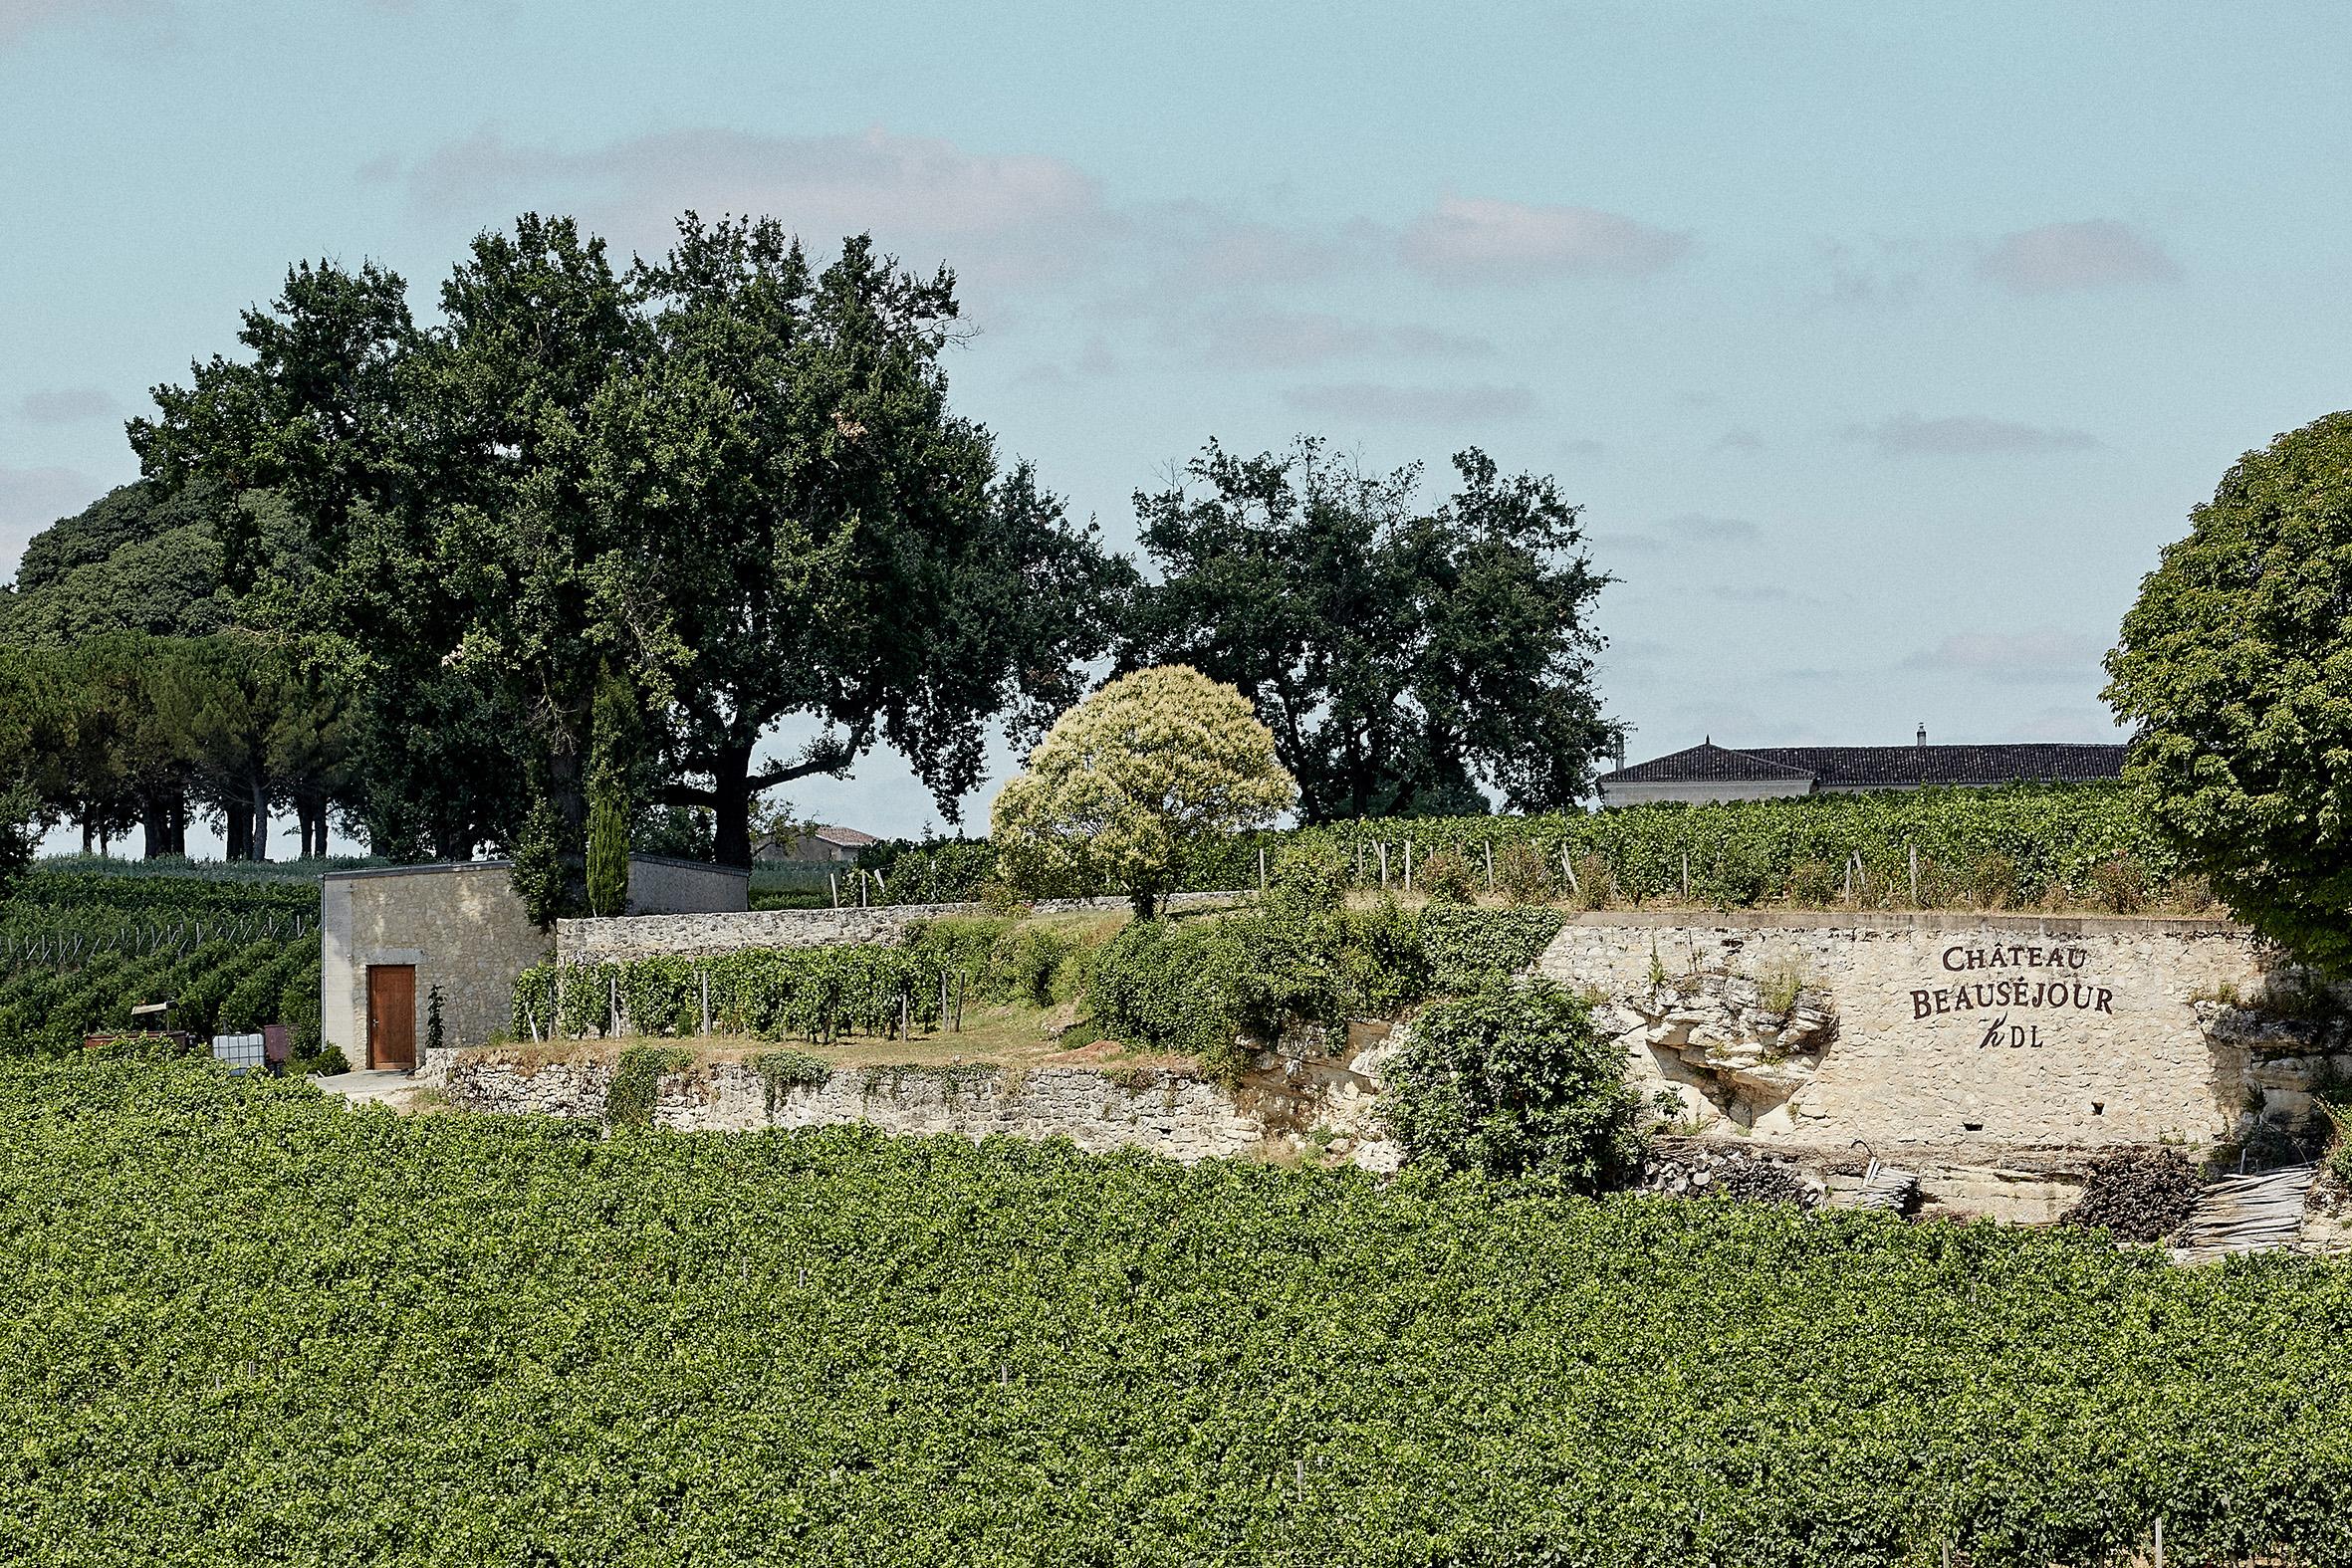 At the Château Beauséjour